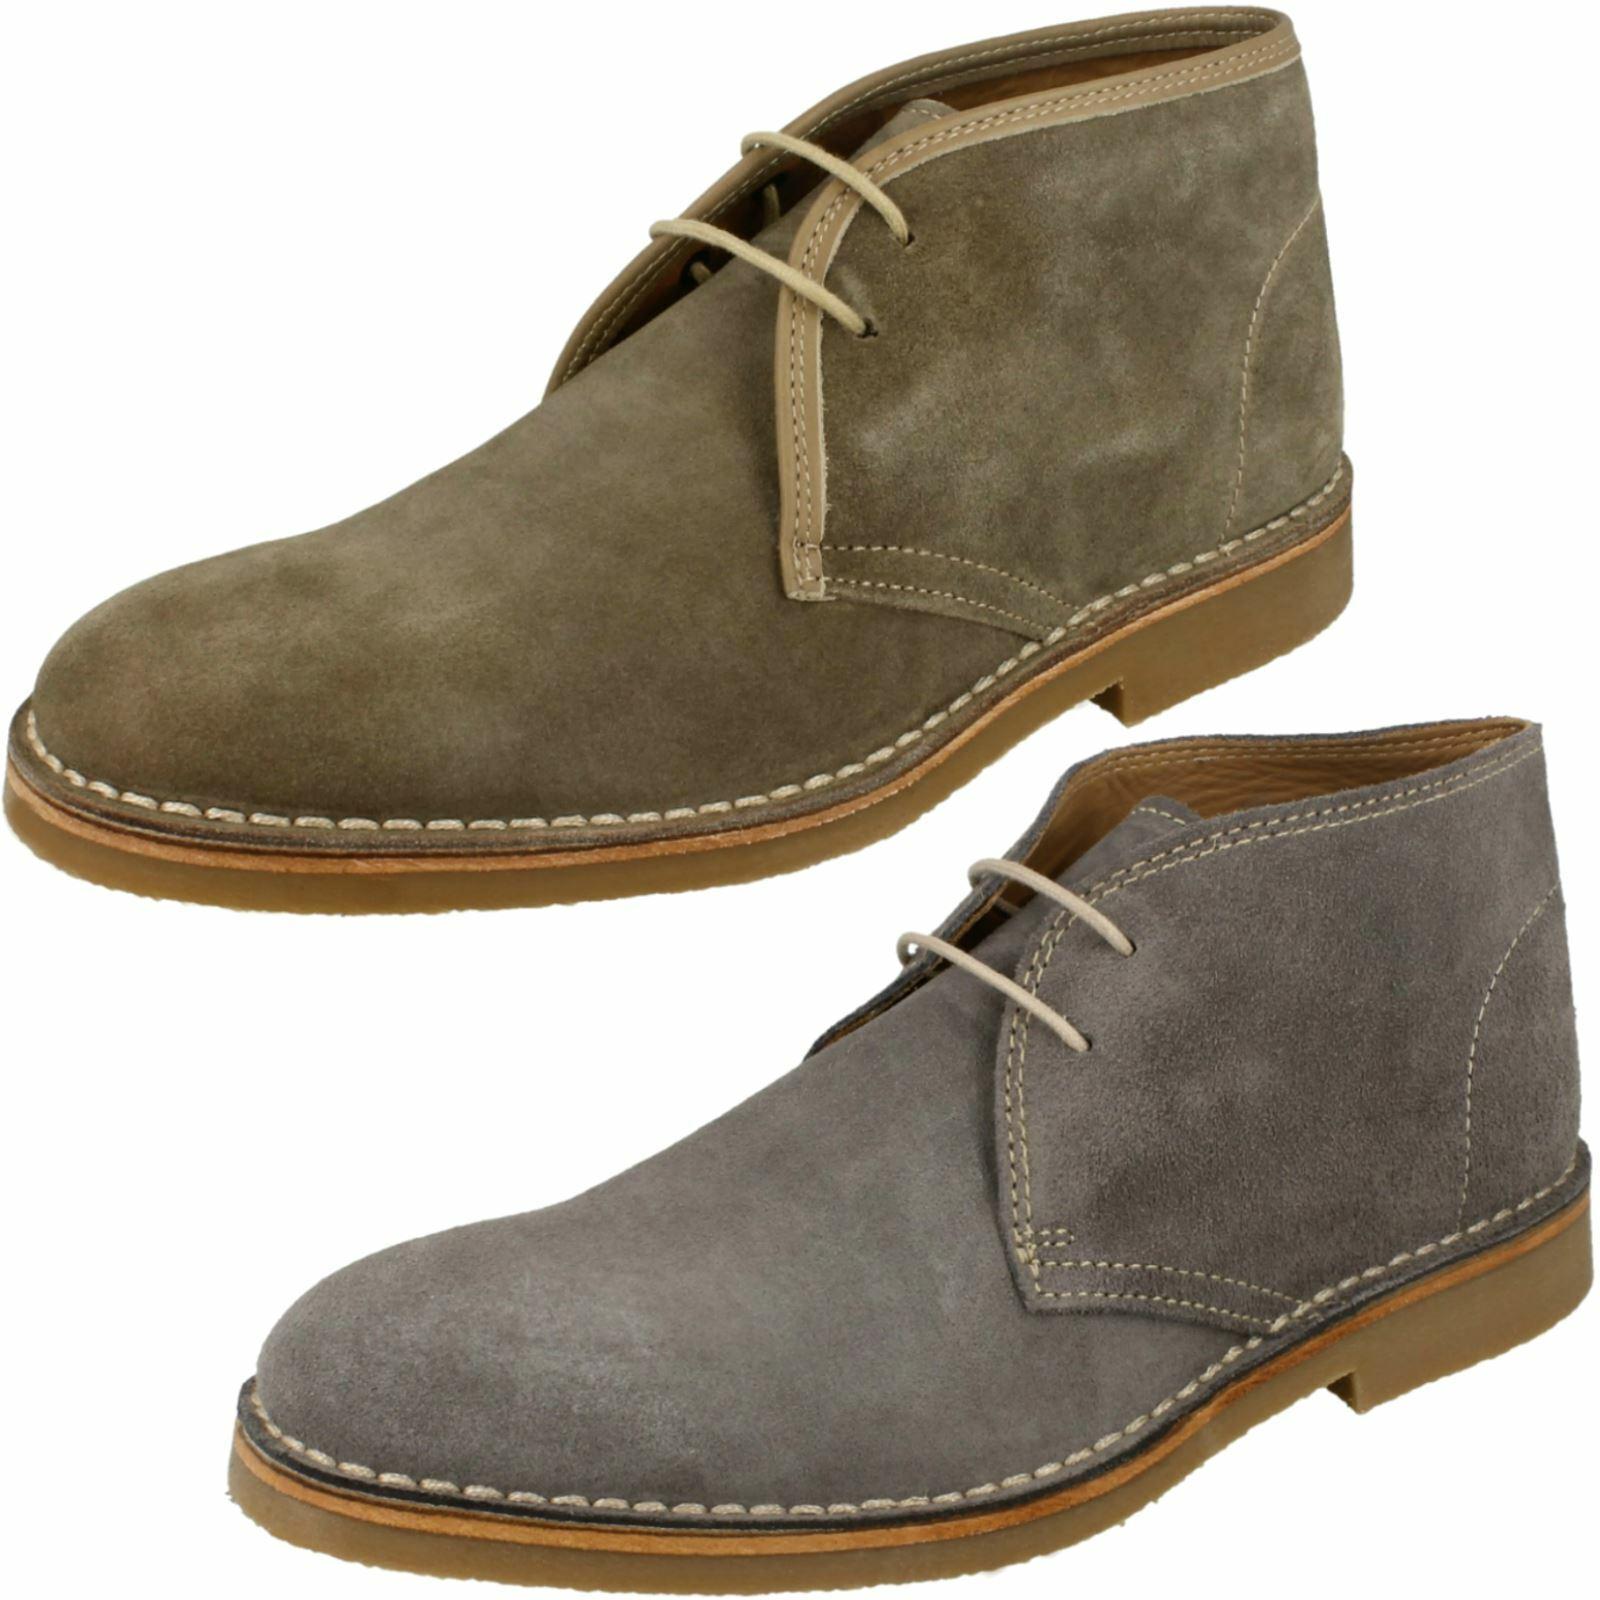 Mens Loake Lace Up Boots 'Kalahari'